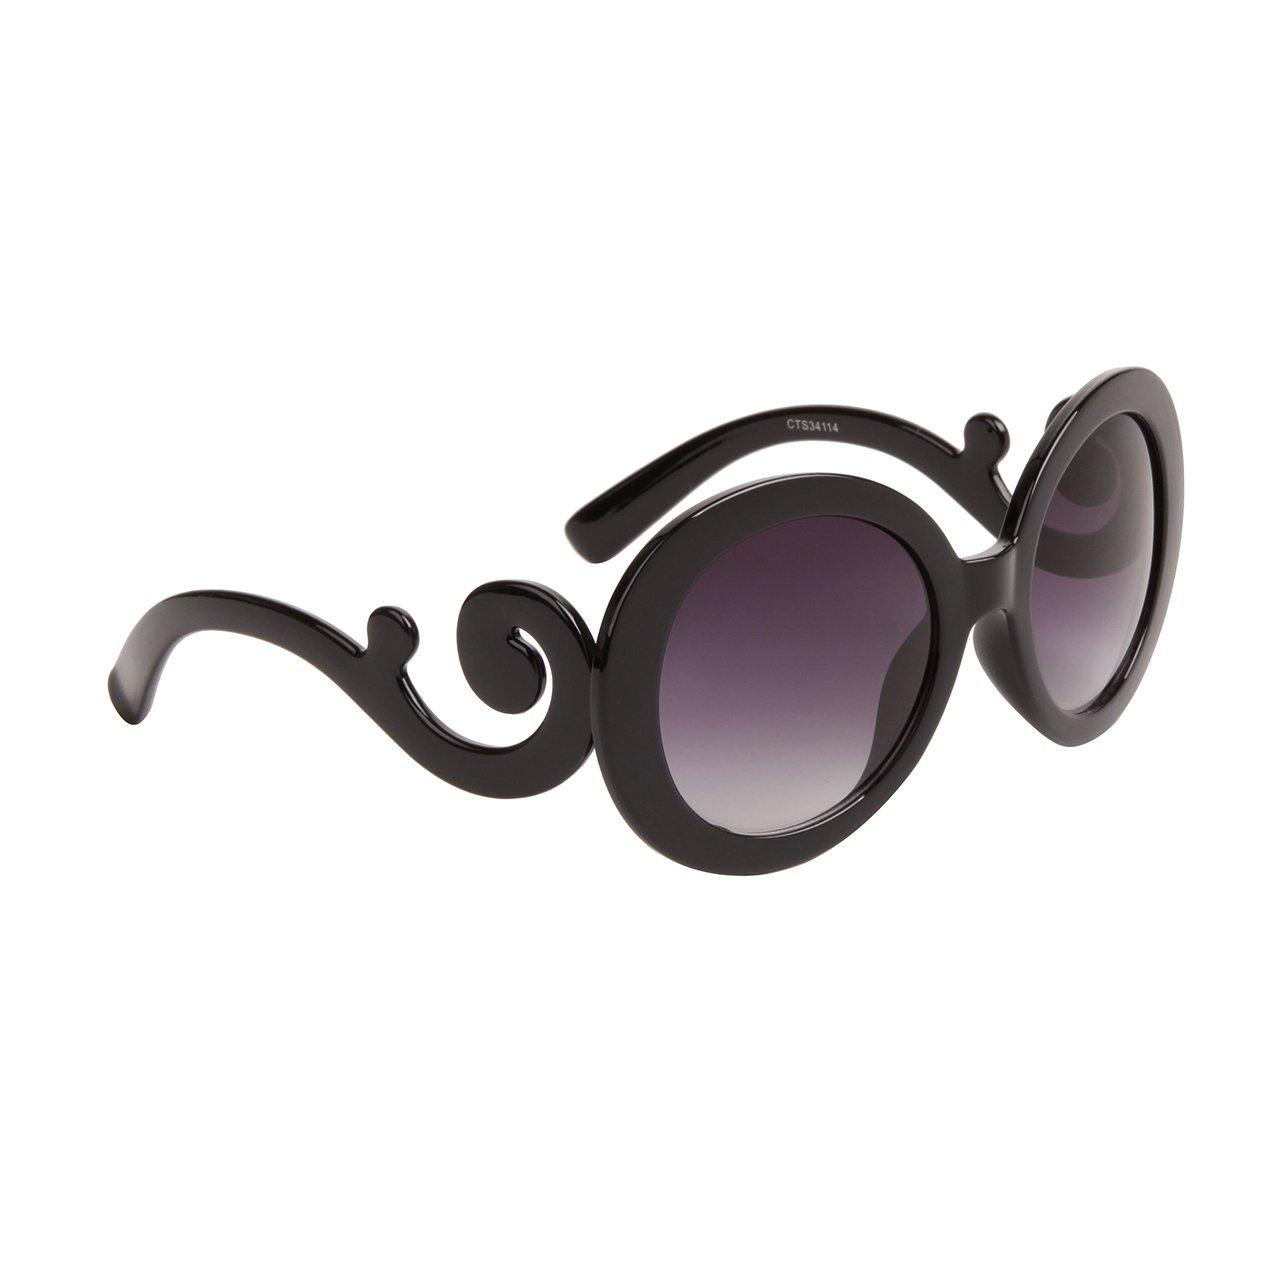 DESIGNER INSPIRED WOMEN'S SUNGLASSES BLACK FRAME TOP QUALITY UV PROTECTION